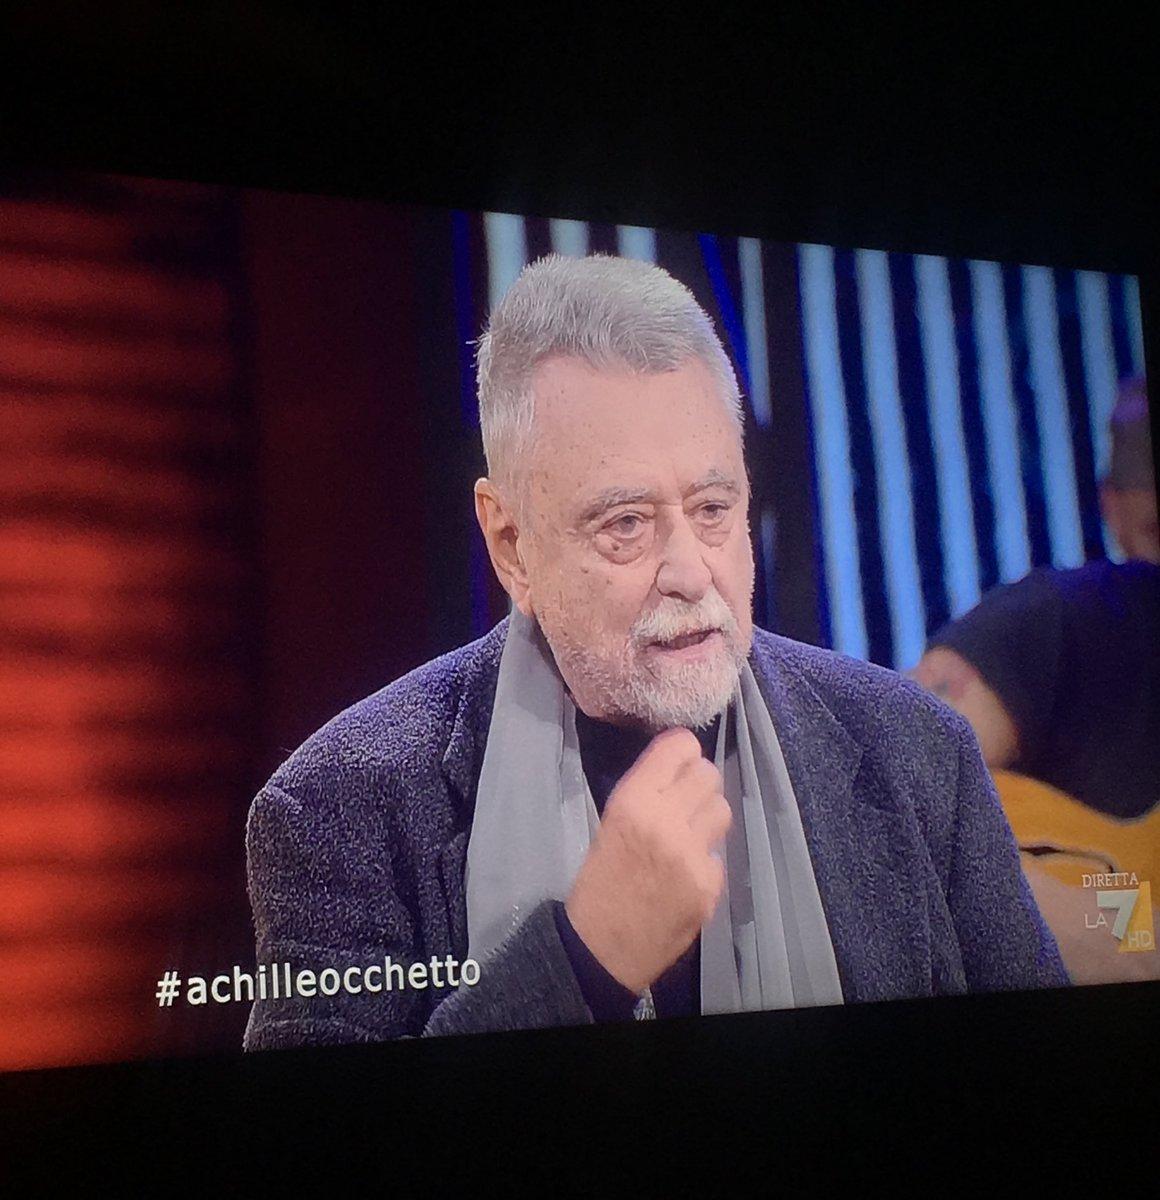 #achilleocchetto